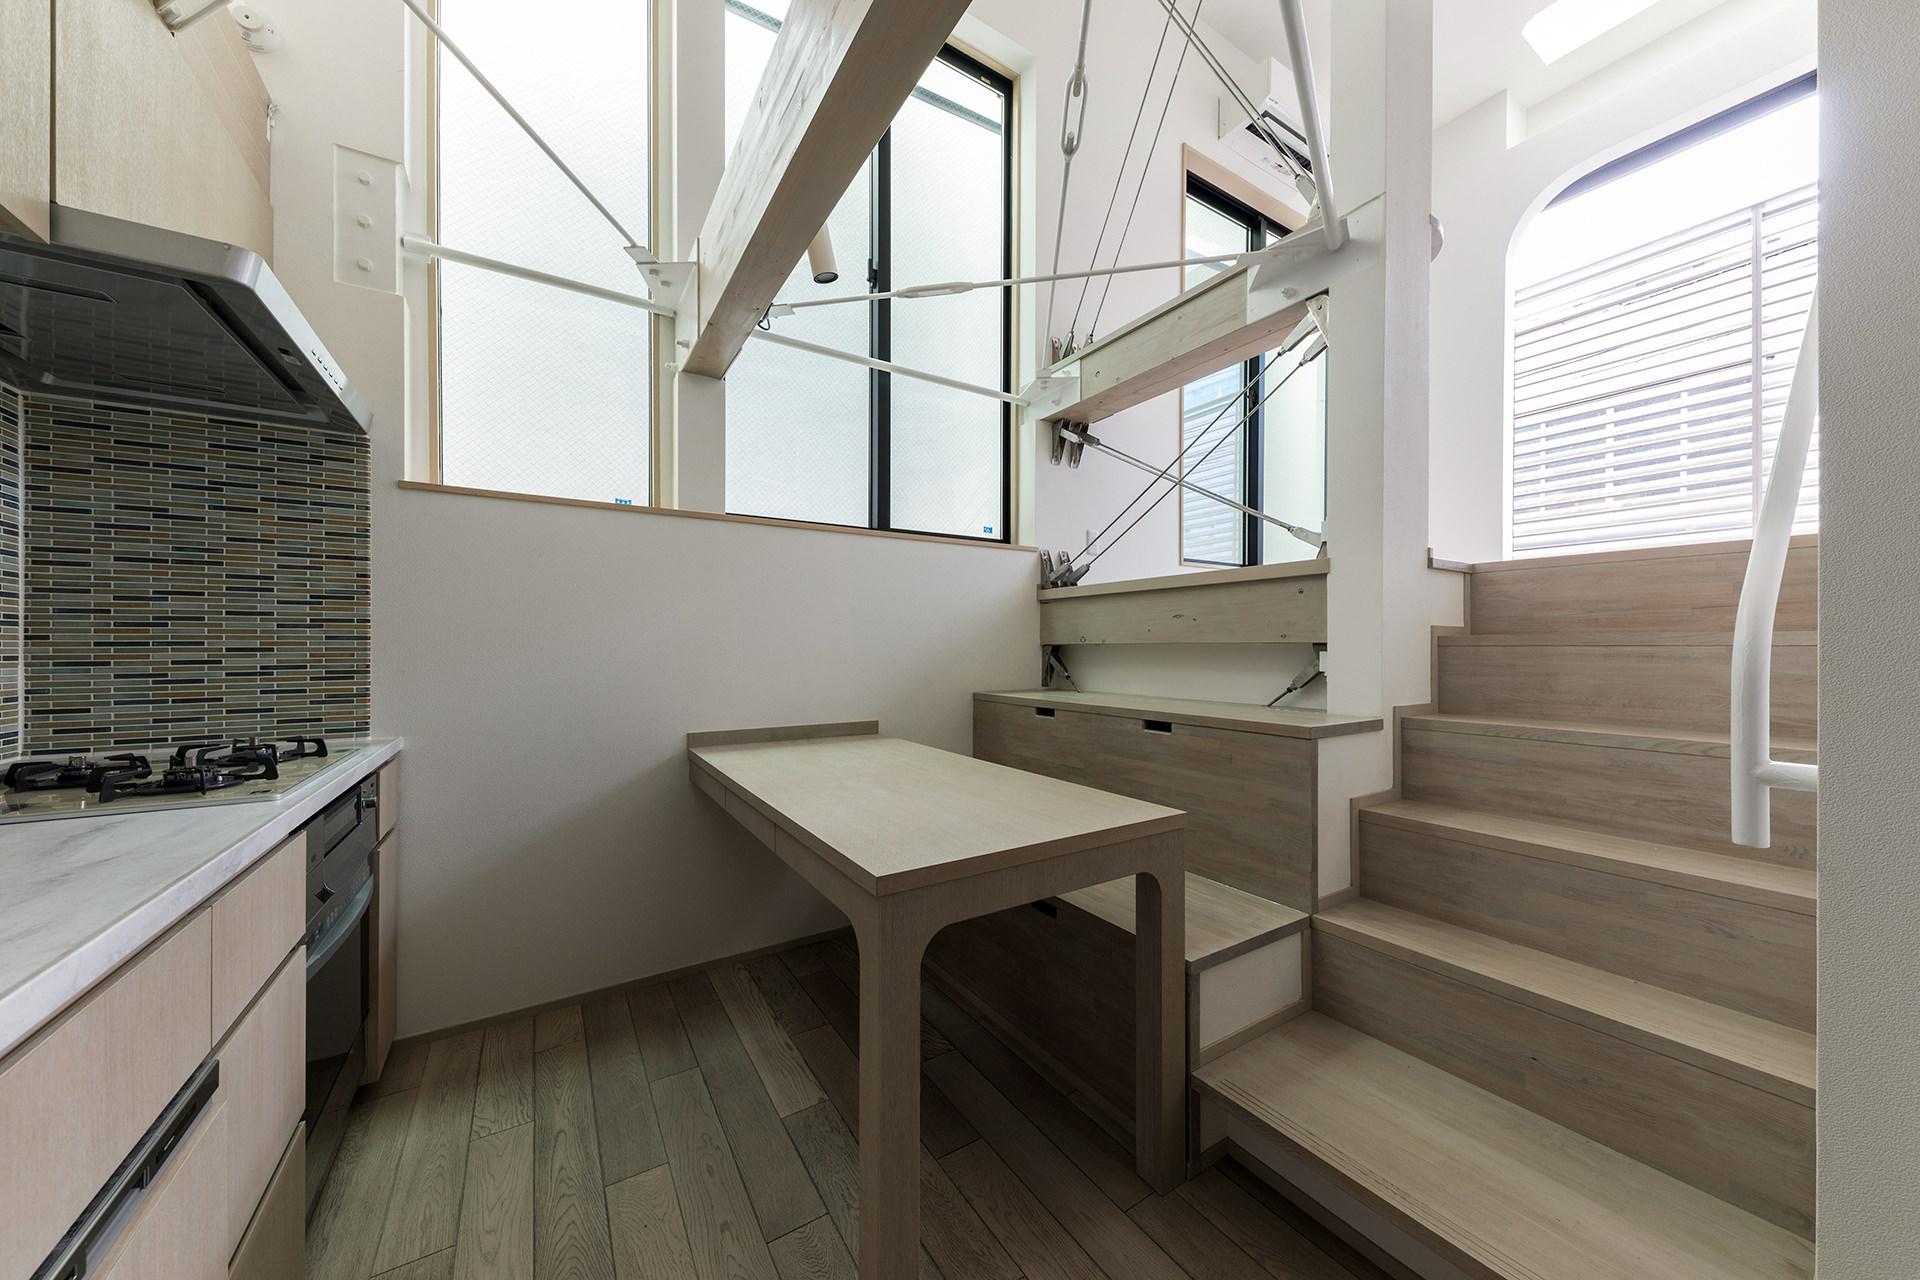 「6坪の家」 イメージ3 撮影:東涌写真事務所・東涌宏和